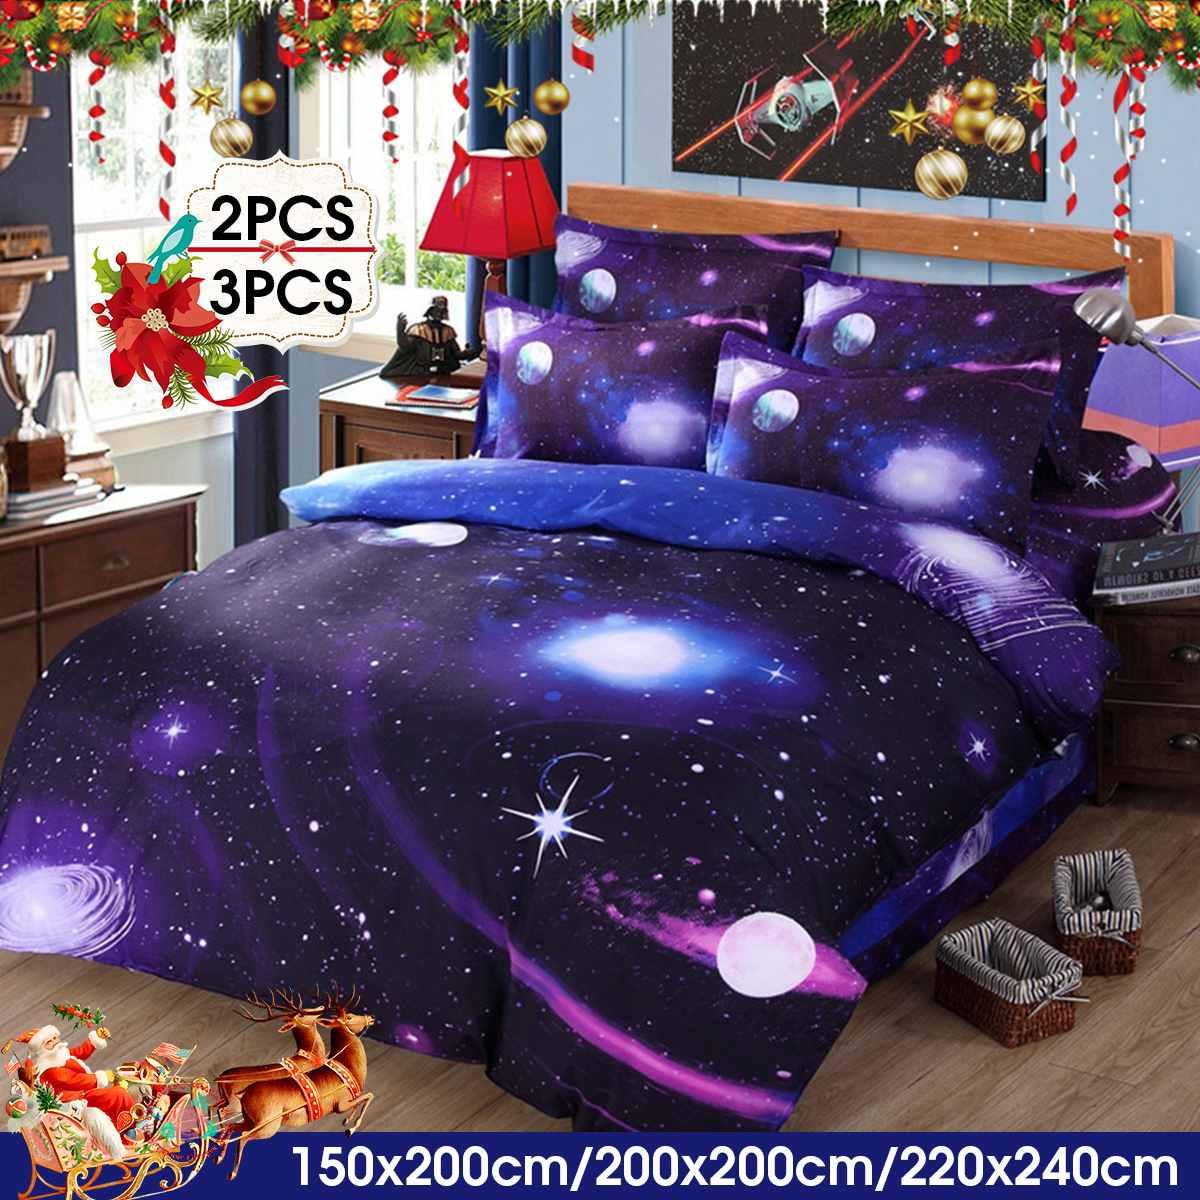 2/3 adet 3D yıldız yatak yatak örtüsü seti Polyester e n e n e n e n e n e n e n e n e n e/Queens yatak takımları evren Outer Space temalı çarşaf kış ev tekstili